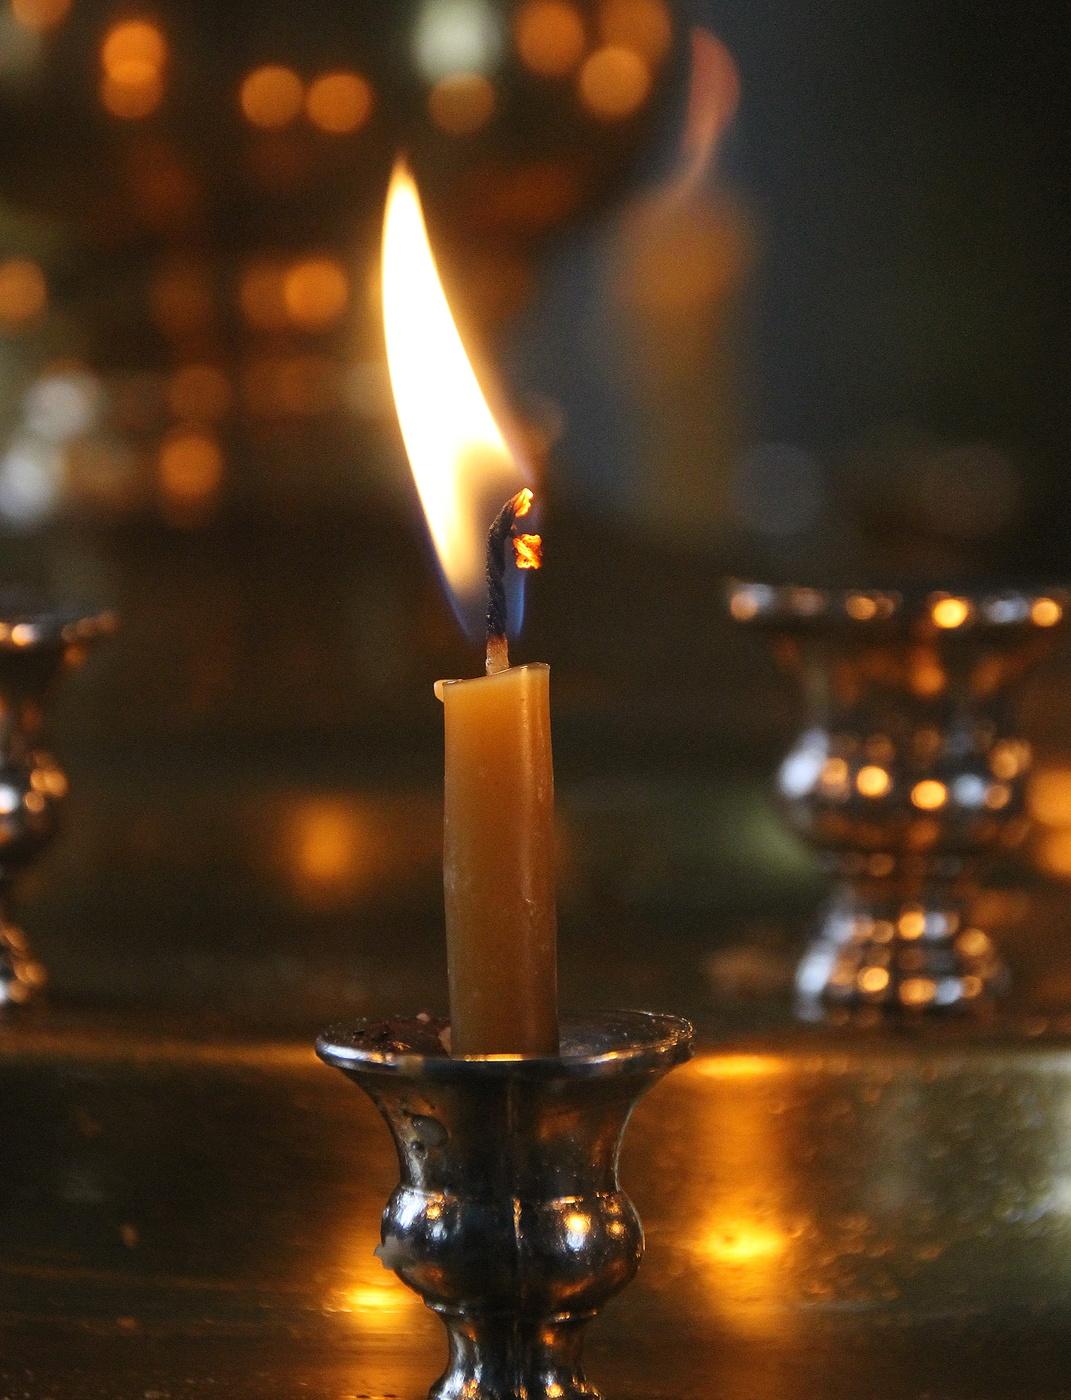 Картинки зажженных свечей